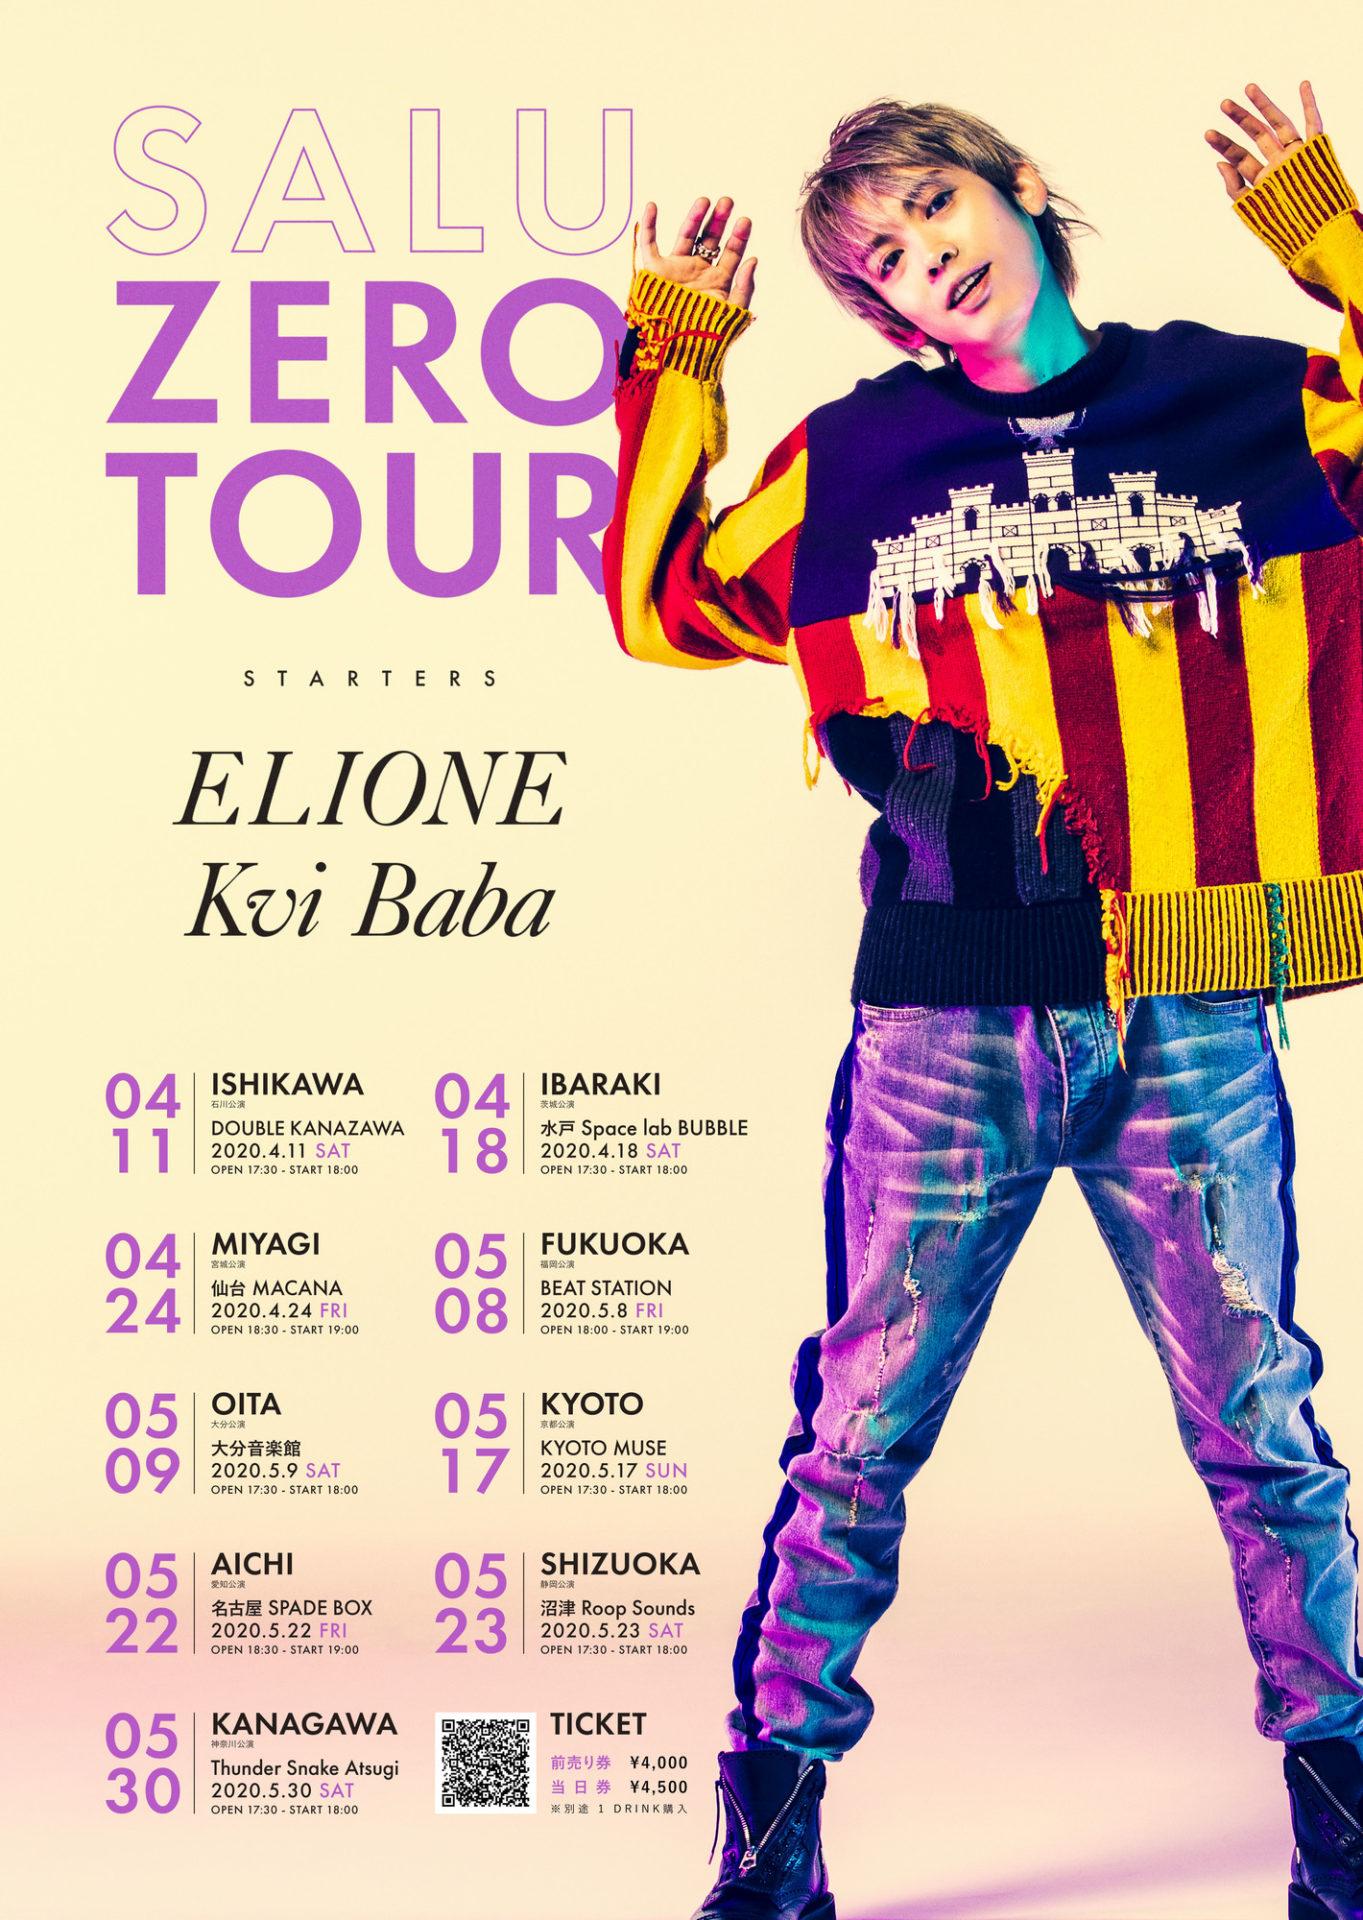 ストリートなイベント【石川】ZEROTOUR SALUが全国9ヶ所を回るツアーの開催を発表!